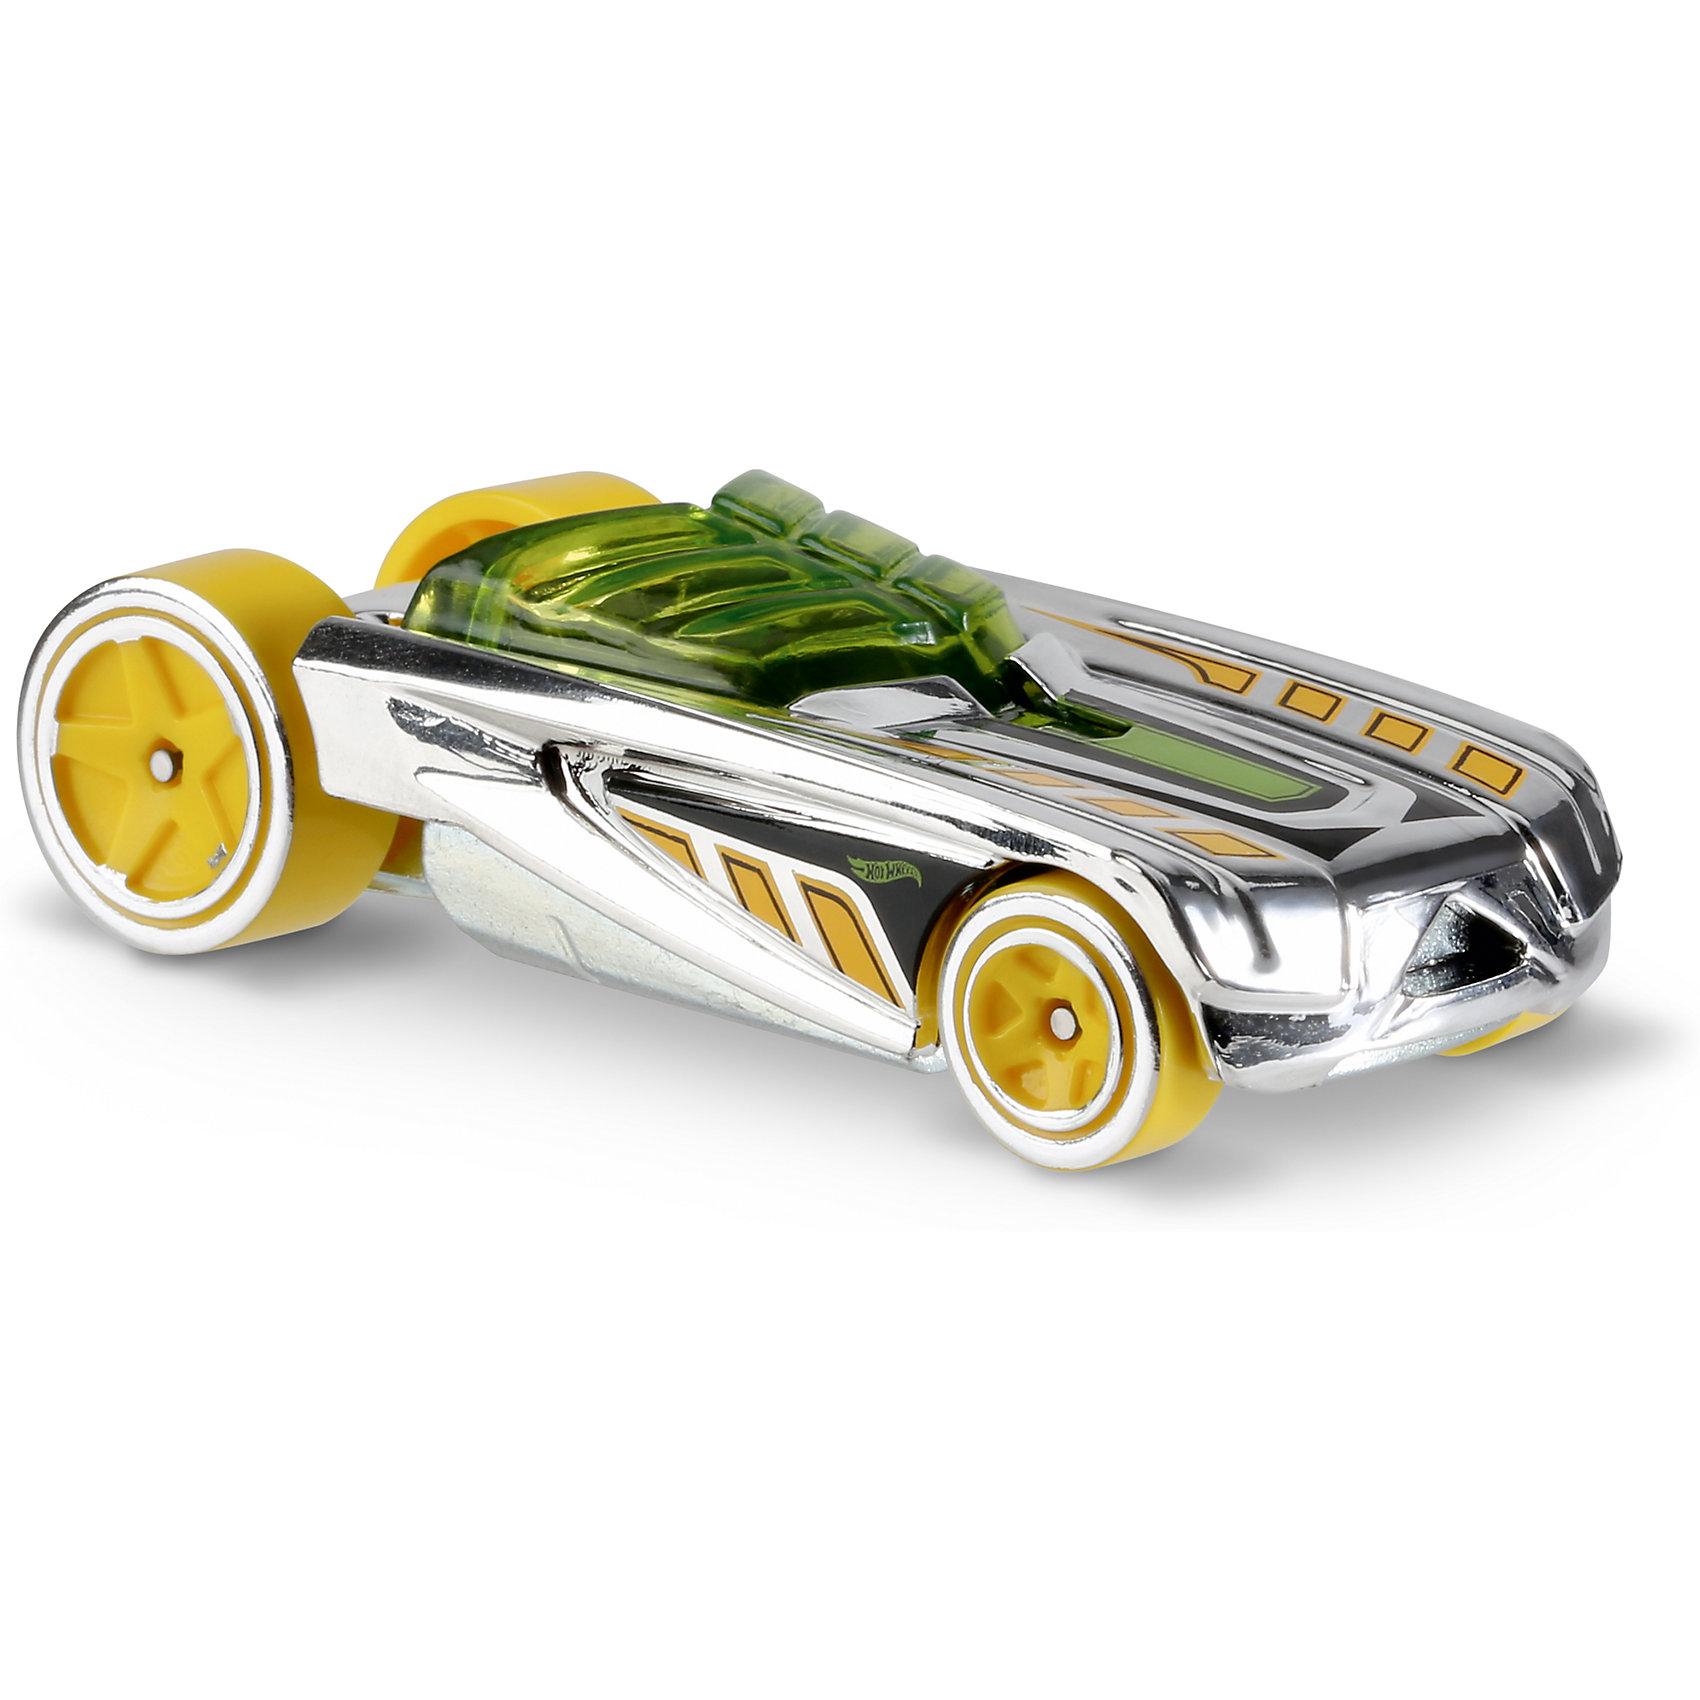 Базовая машинка Hot Wheels, PharodoxПопулярные игрушки<br><br><br>Ширина мм: 110<br>Глубина мм: 45<br>Высота мм: 110<br>Вес г: 30<br>Возраст от месяцев: 36<br>Возраст до месяцев: 96<br>Пол: Мужской<br>Возраст: Детский<br>SKU: 7111063